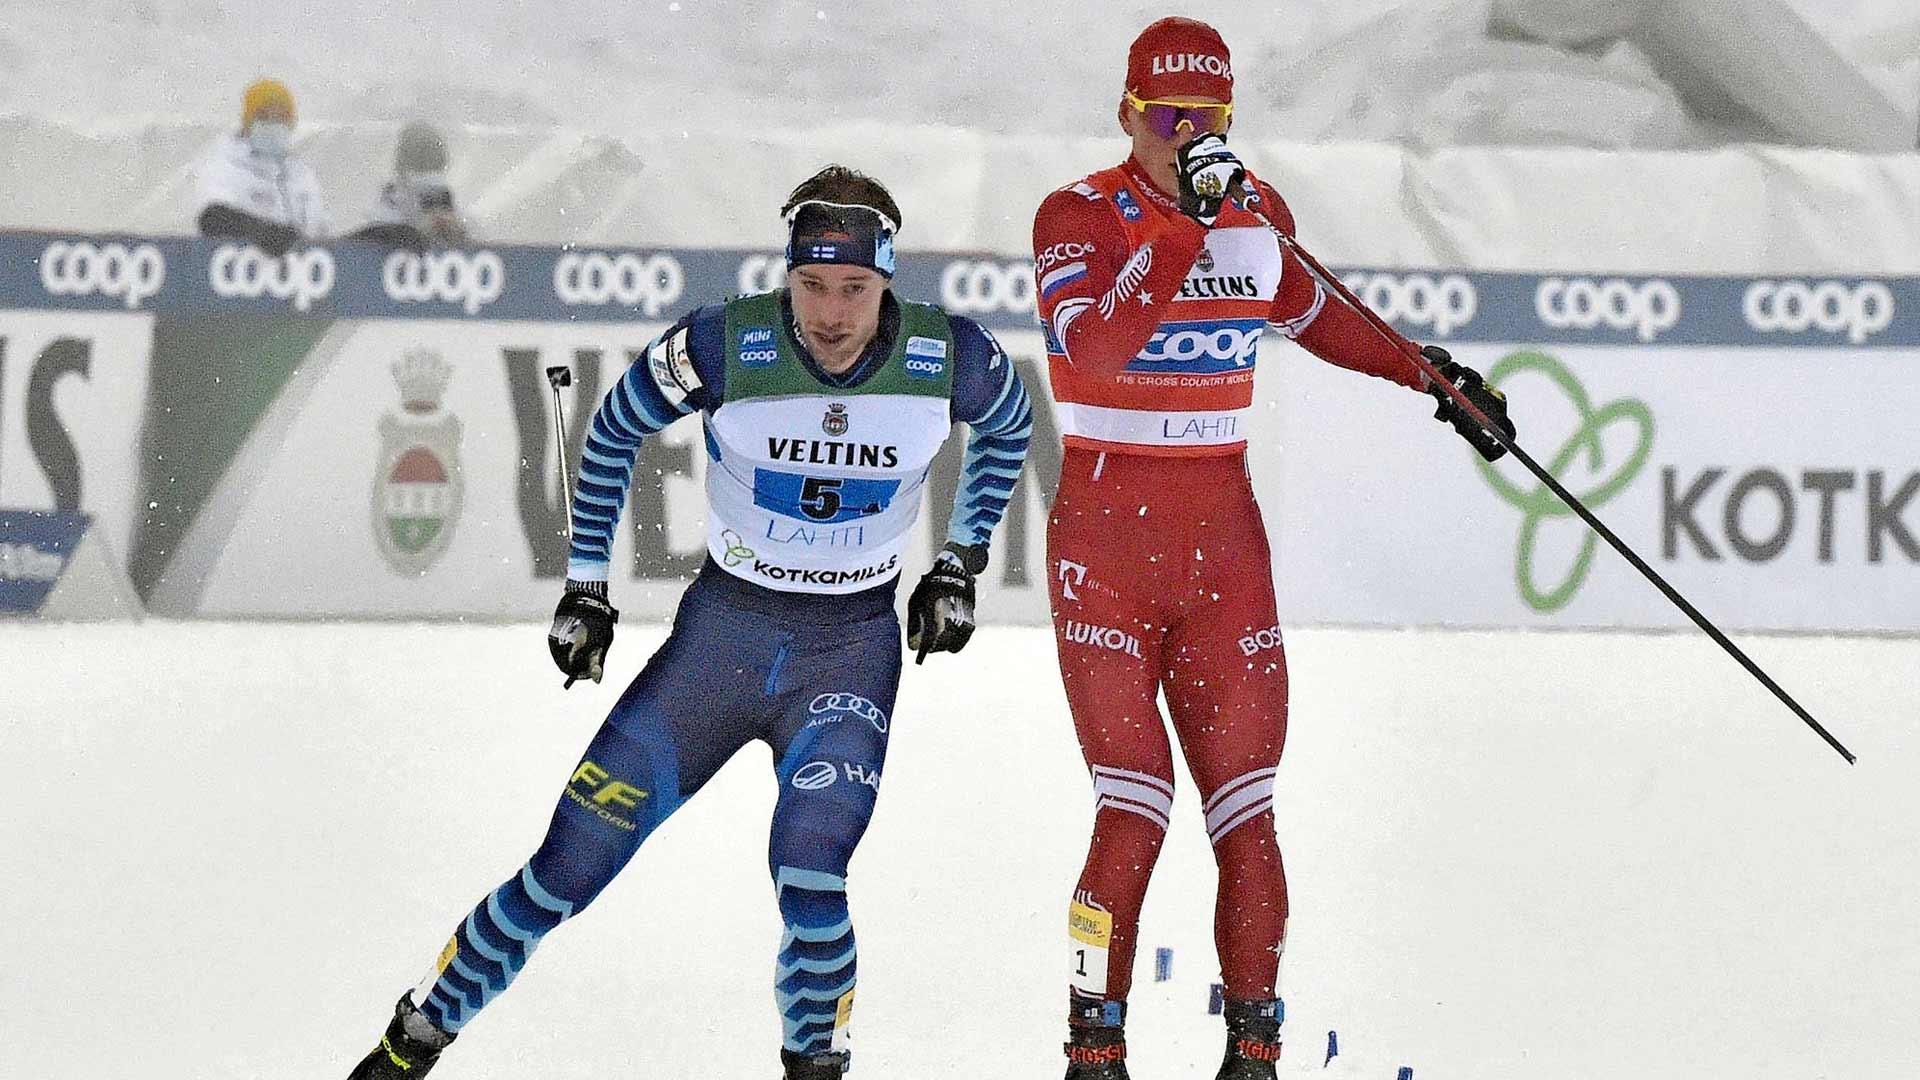 Punaisessa asussa hiihtänyt Venäjän Alexander Bolshunov huitoi Suomen Joni Mäkeä sauvalla Lahden Salpausselän kisojen miesten viestin loppusuoralla tammikuussa. Huitomisesta ja sitä seuranneesta taklauksesta seurasi poliisitutkinta.